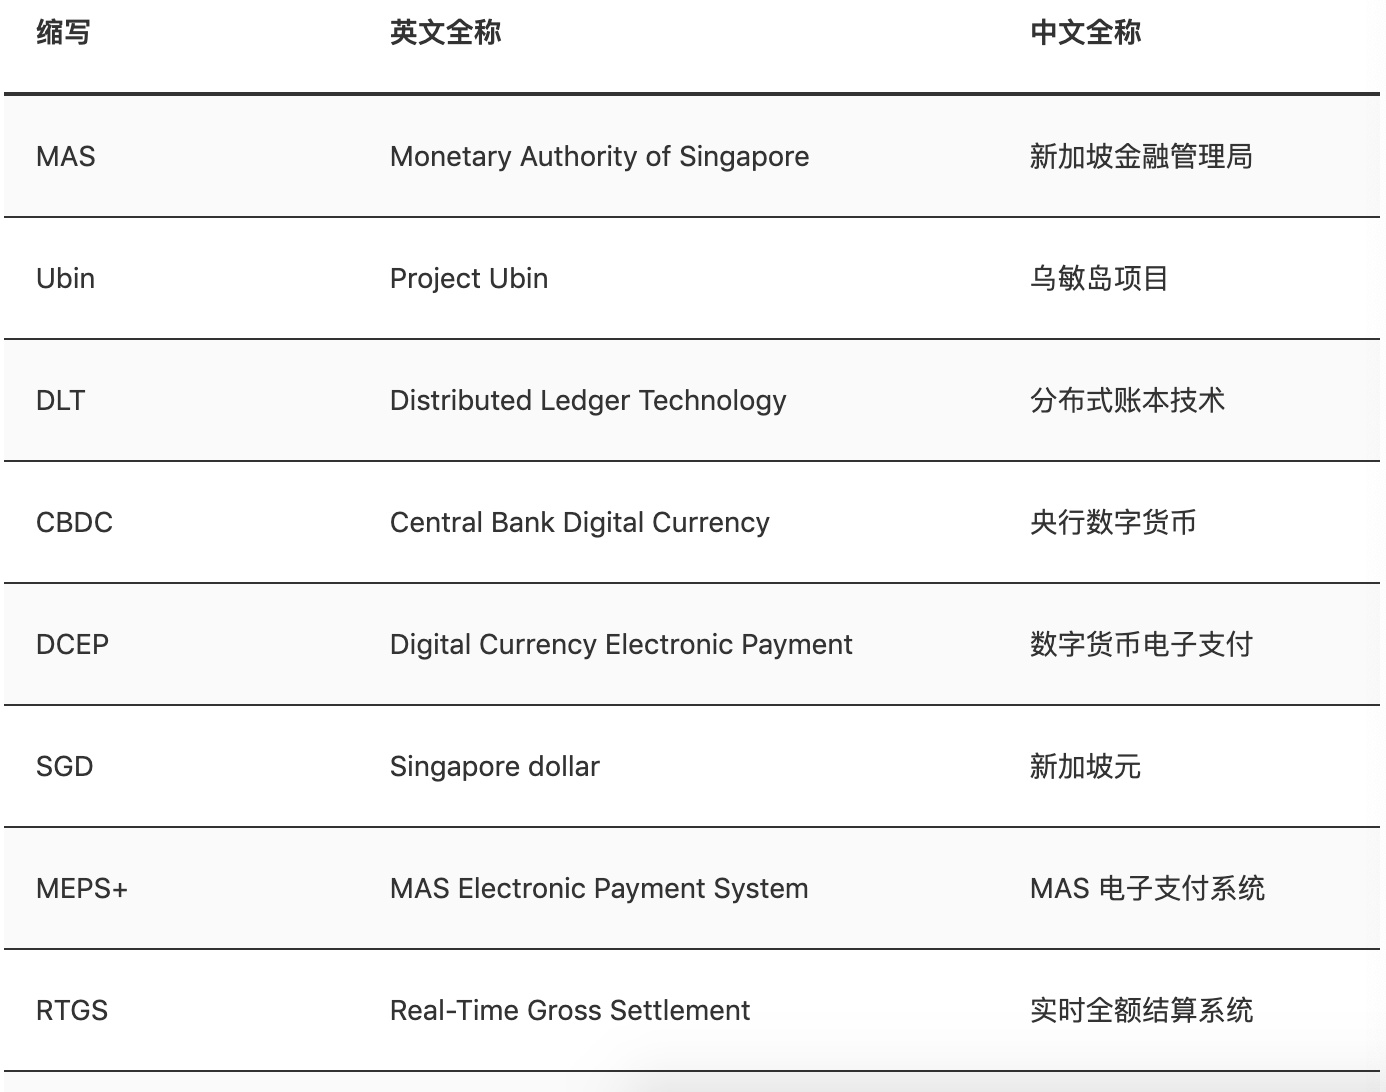 一文读懂新加坡央行数字货币计划 Ubin插图(14)